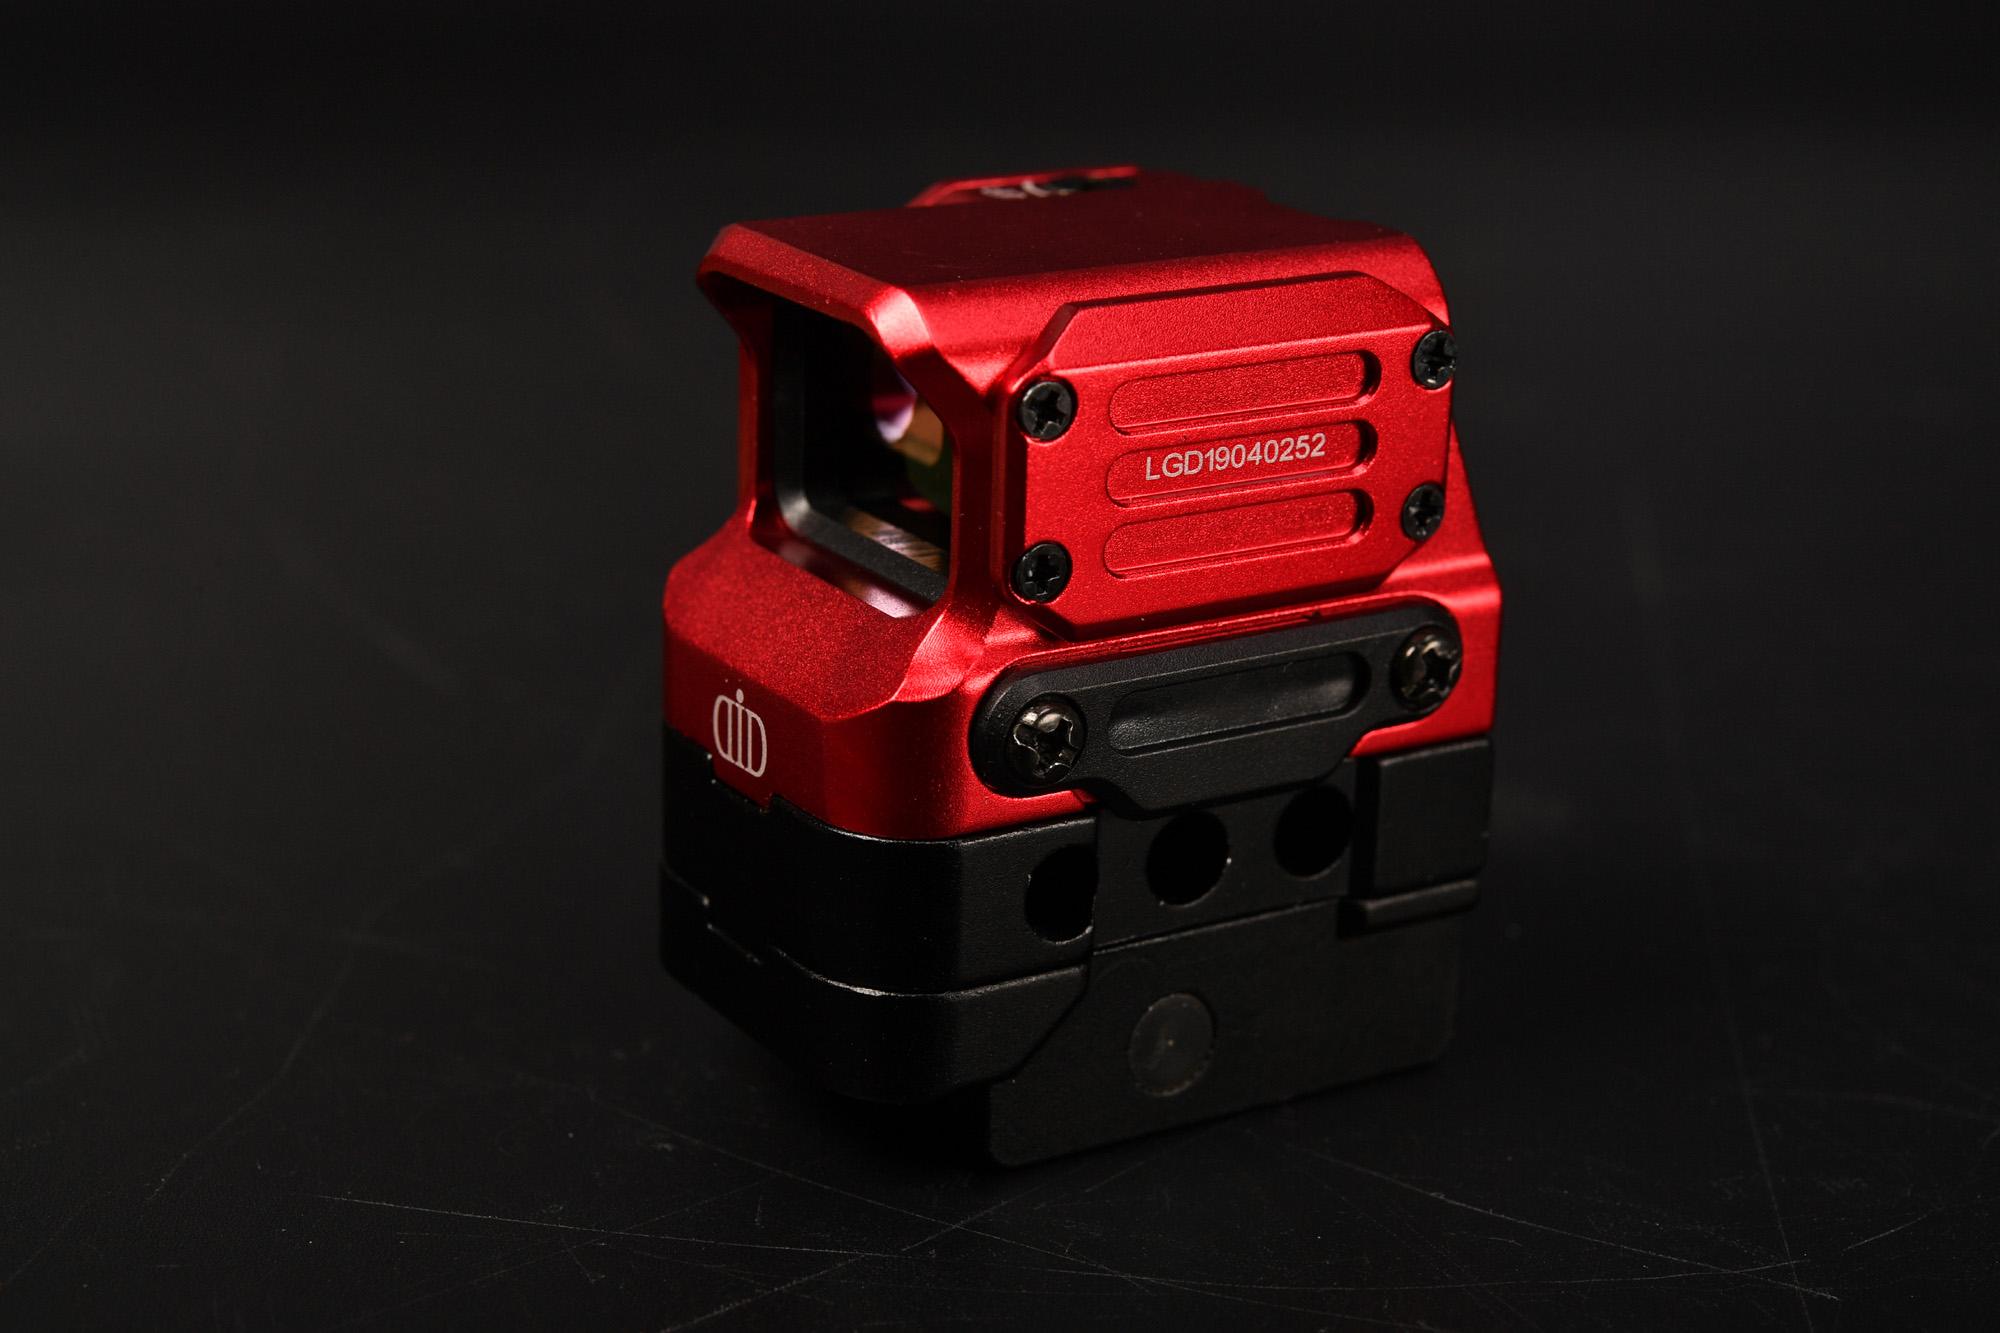 DI OPTICAL USAタイプ FC1 レッドドットサイト ホロサイト 購入レビュー 野鳥撮影機材